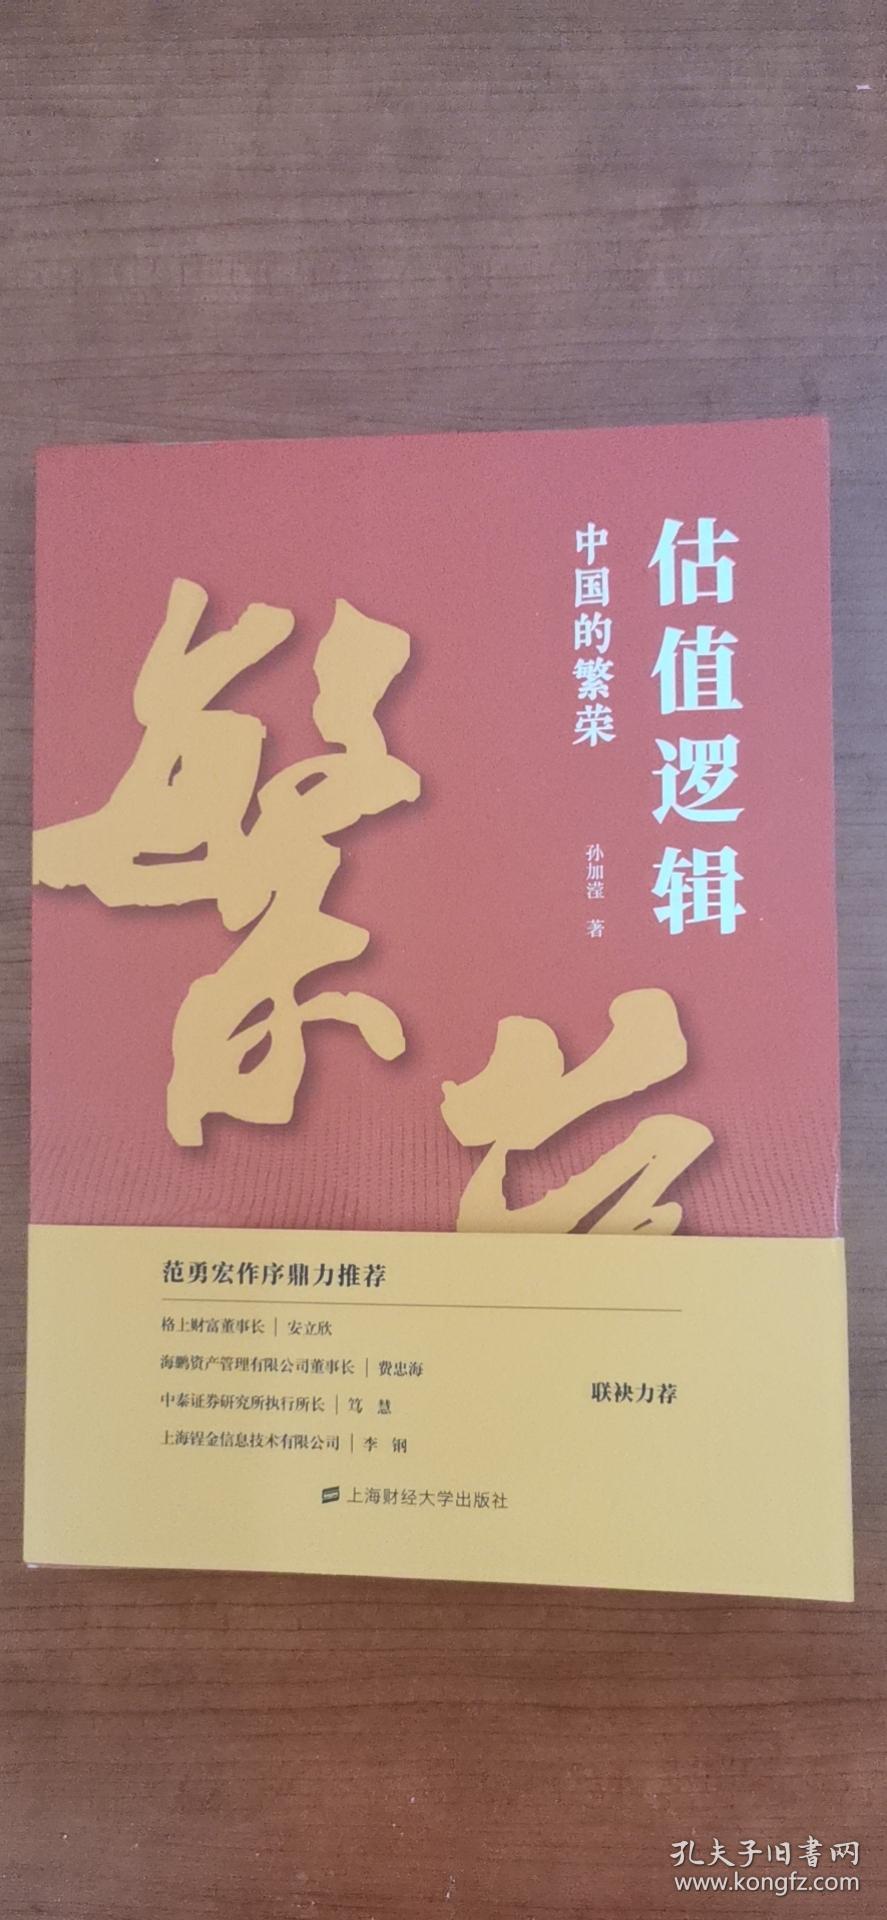 估值逻辑 中国的繁荣  范勇宏作序并大力推荐  (包邮)   另有估值逻辑投资思维的边界在售